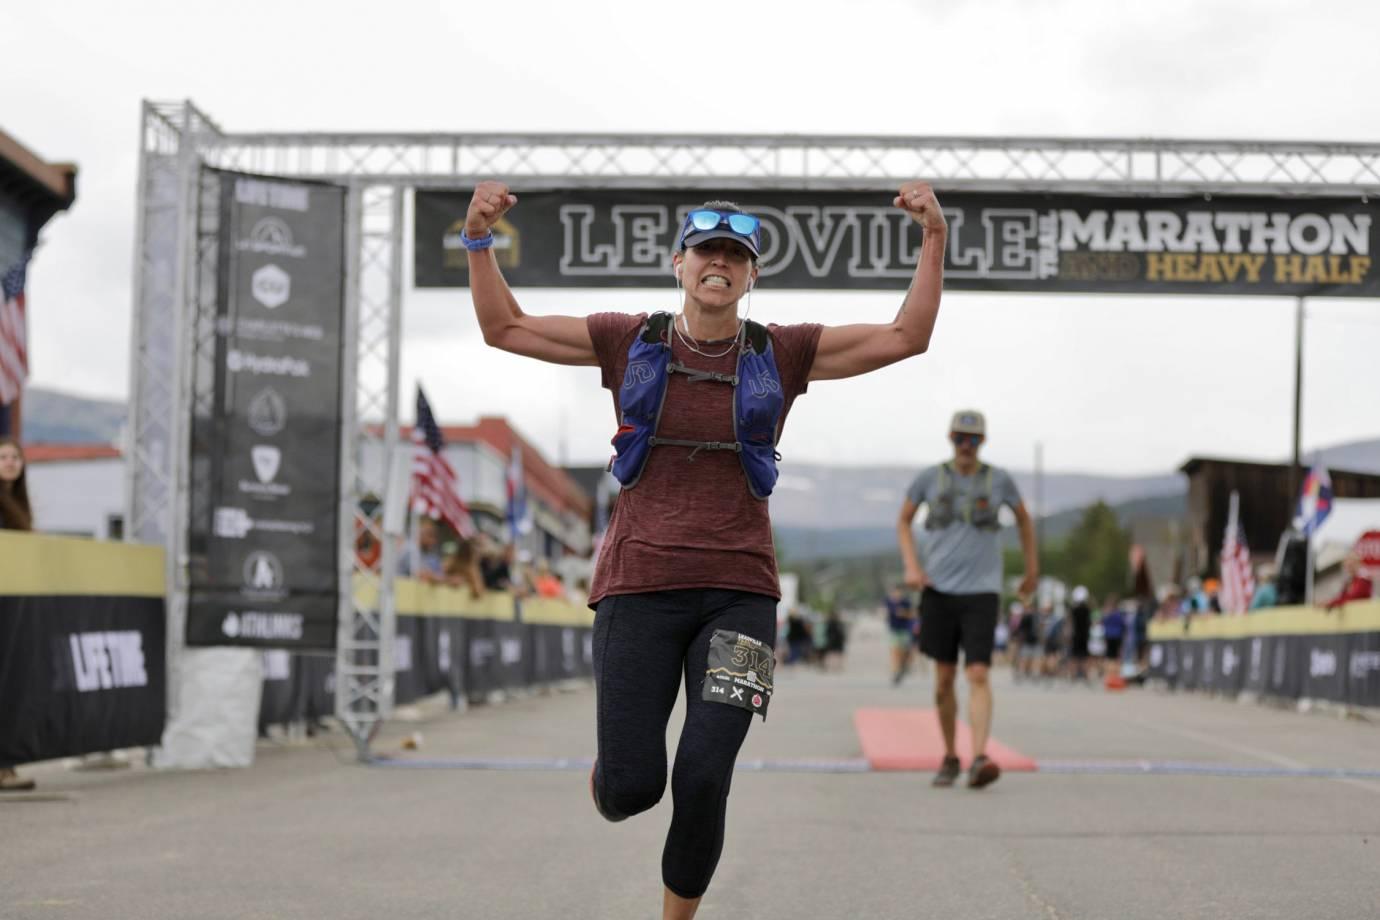 Leadville Heavy Half Marathon finisher